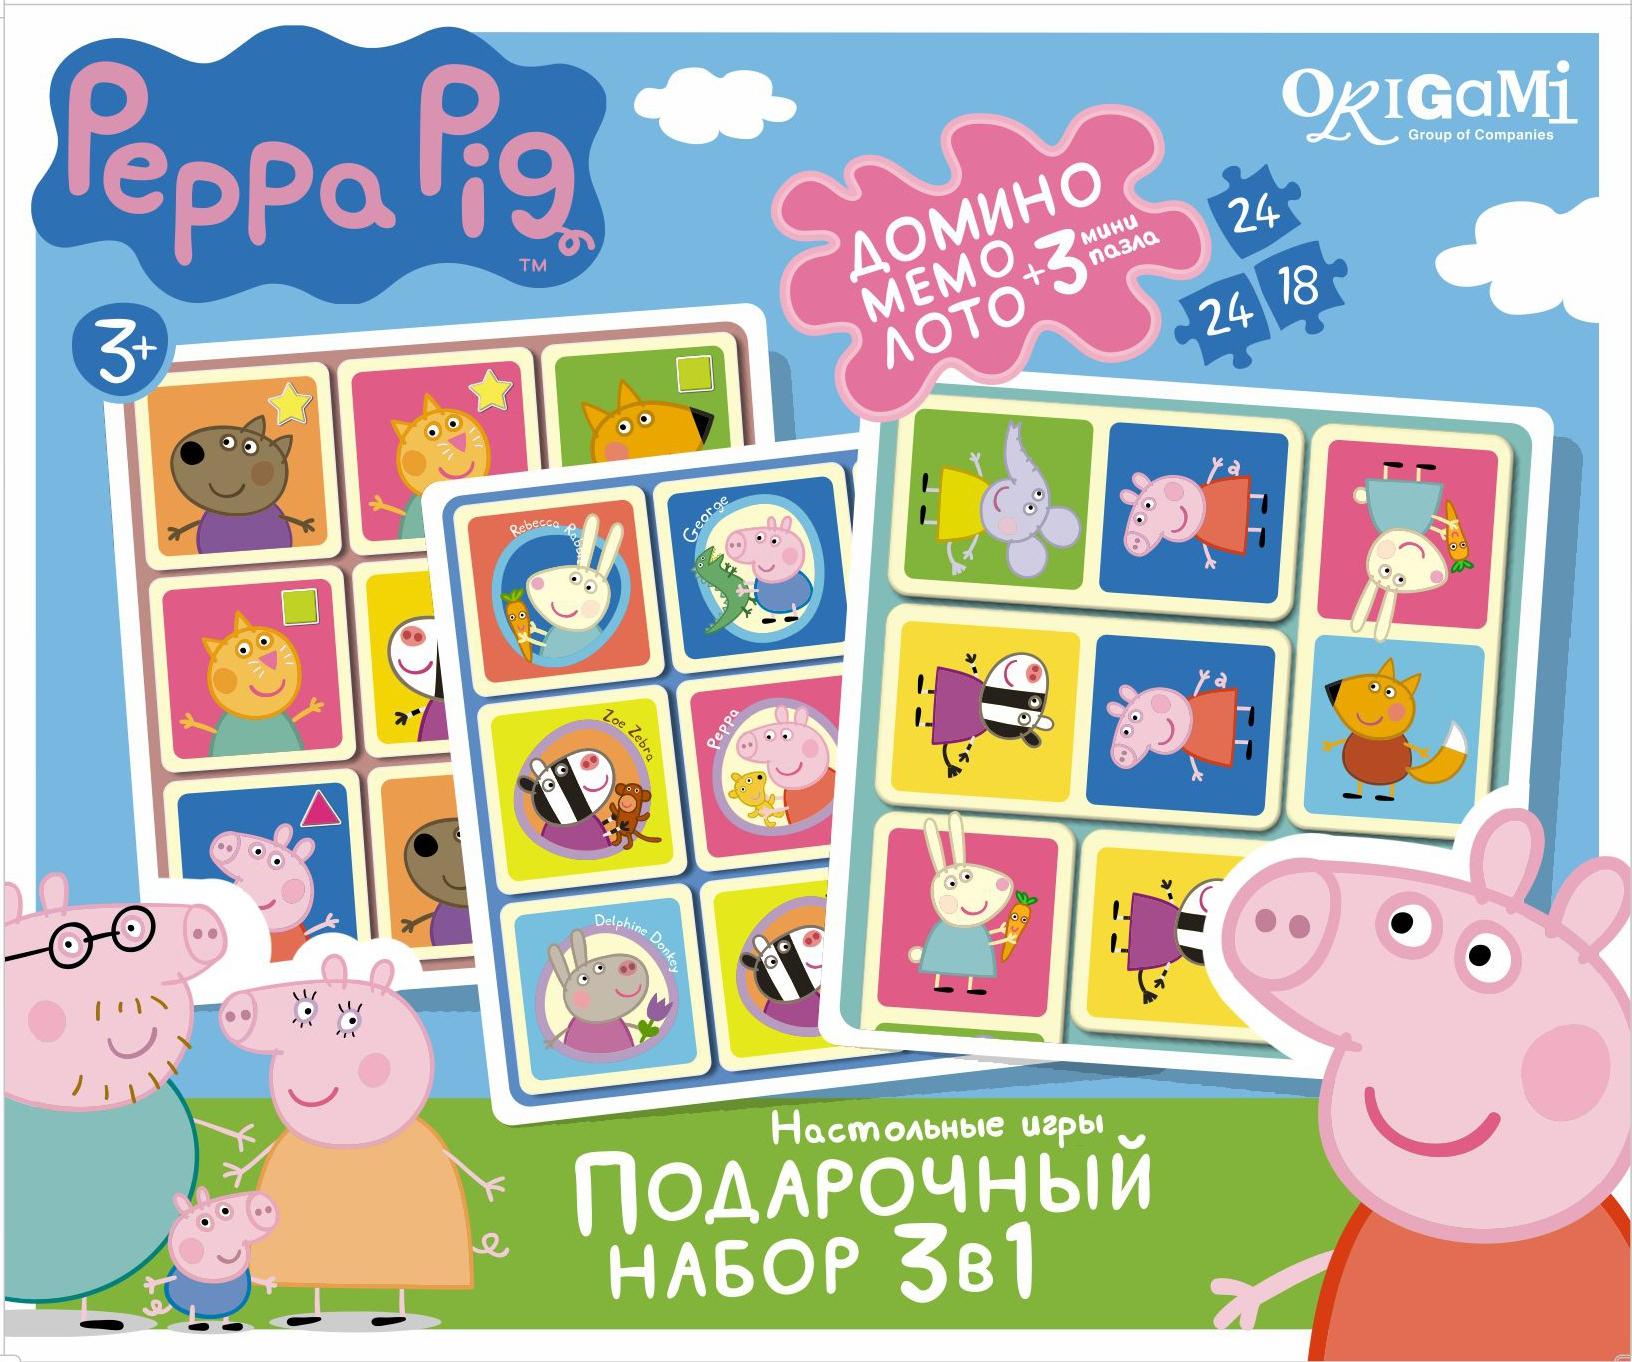 Peppa Pig Peppa Pig Подарочный набор Origami «Peppa Pig: 3 игры и 3 пазла» пазлы origami peppa pig пазл 24 элемента